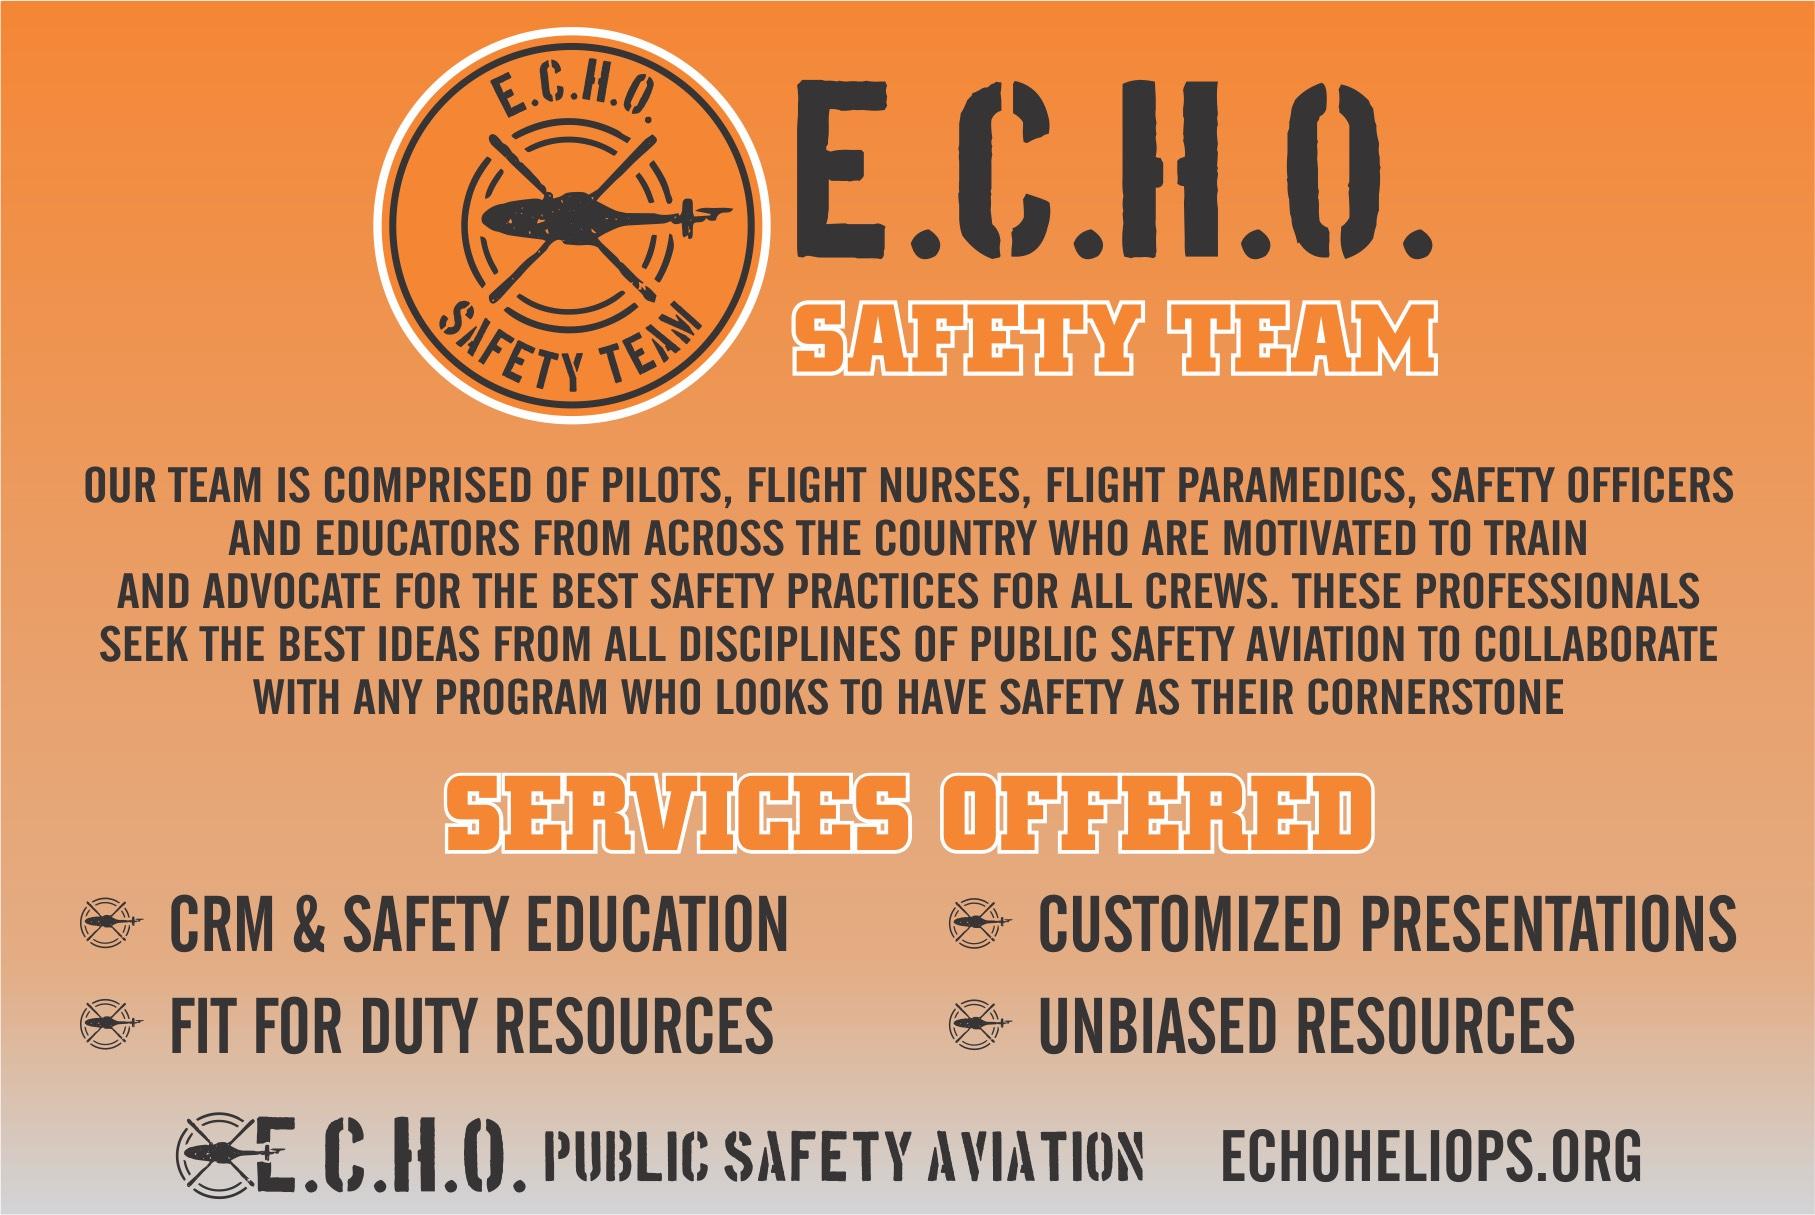 ECHO Safety Team flyer.jpg